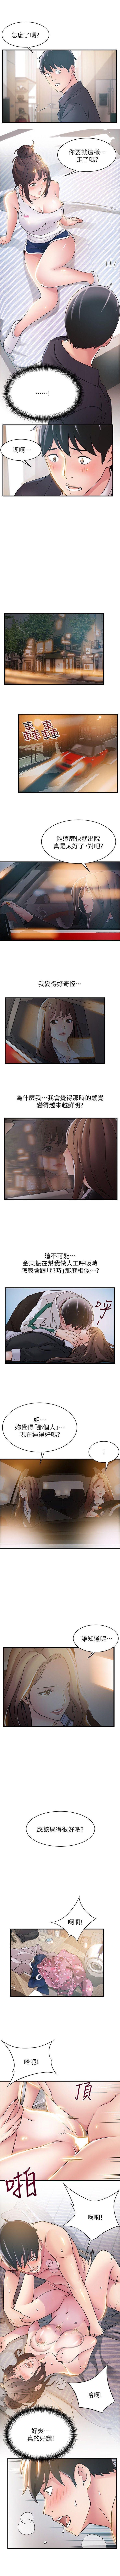 弱点 1-64 中文翻译(更新中) 114